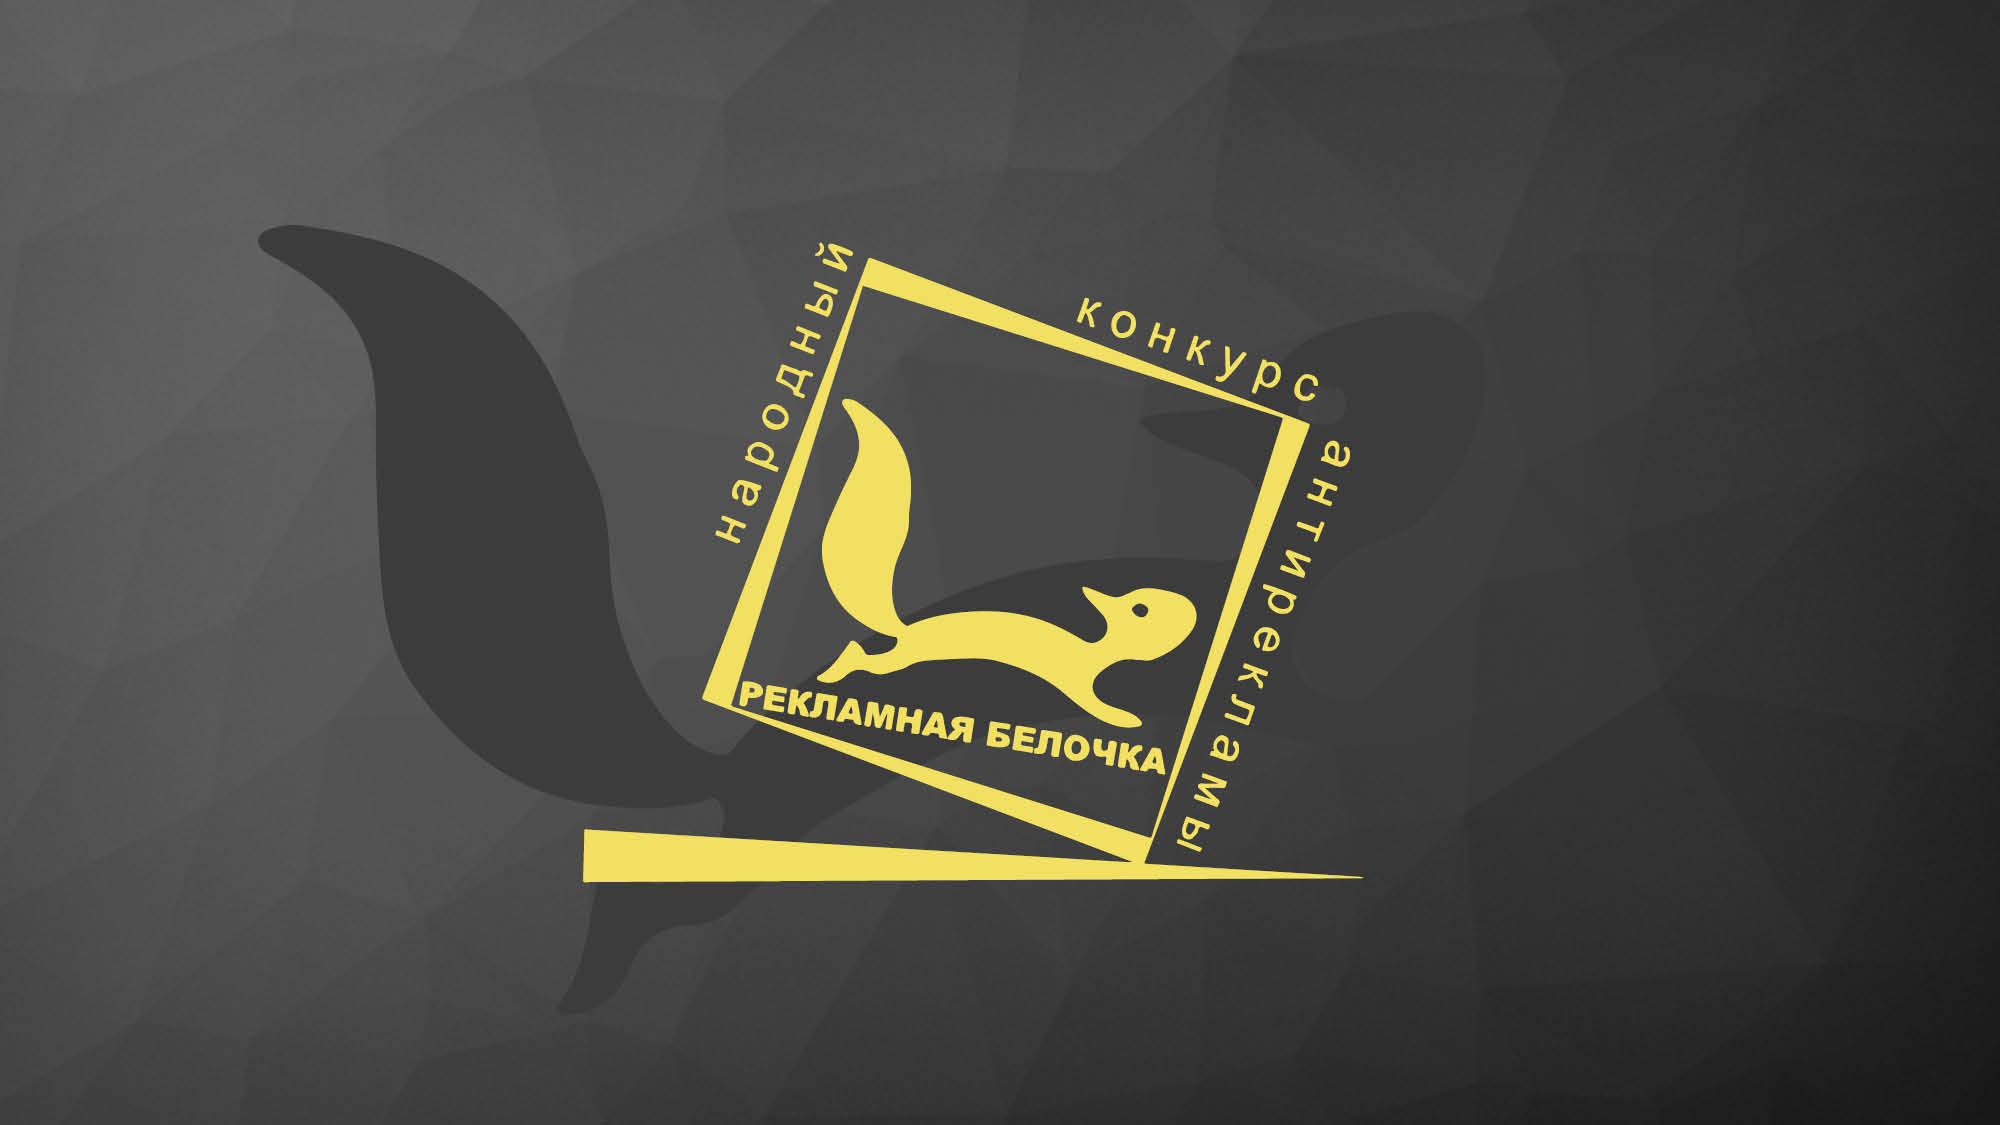 Итоги «Рекламной Белочки» с октября до сентября подведут 13 октября